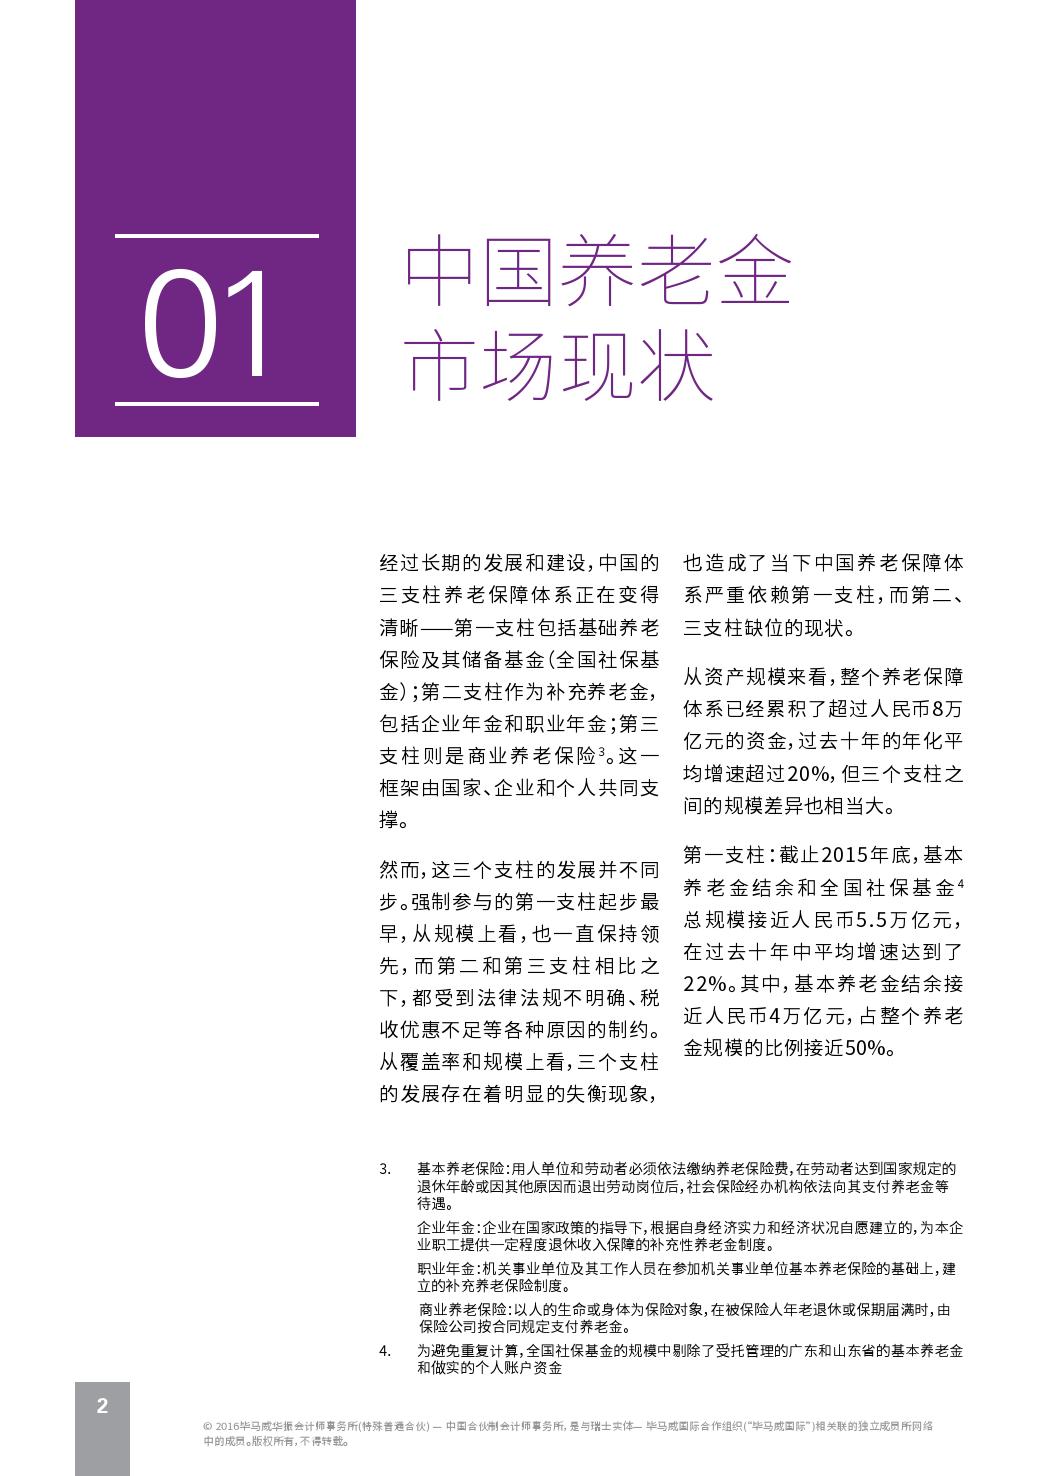 2016年中国养老金发展的战略趋势探讨_000004